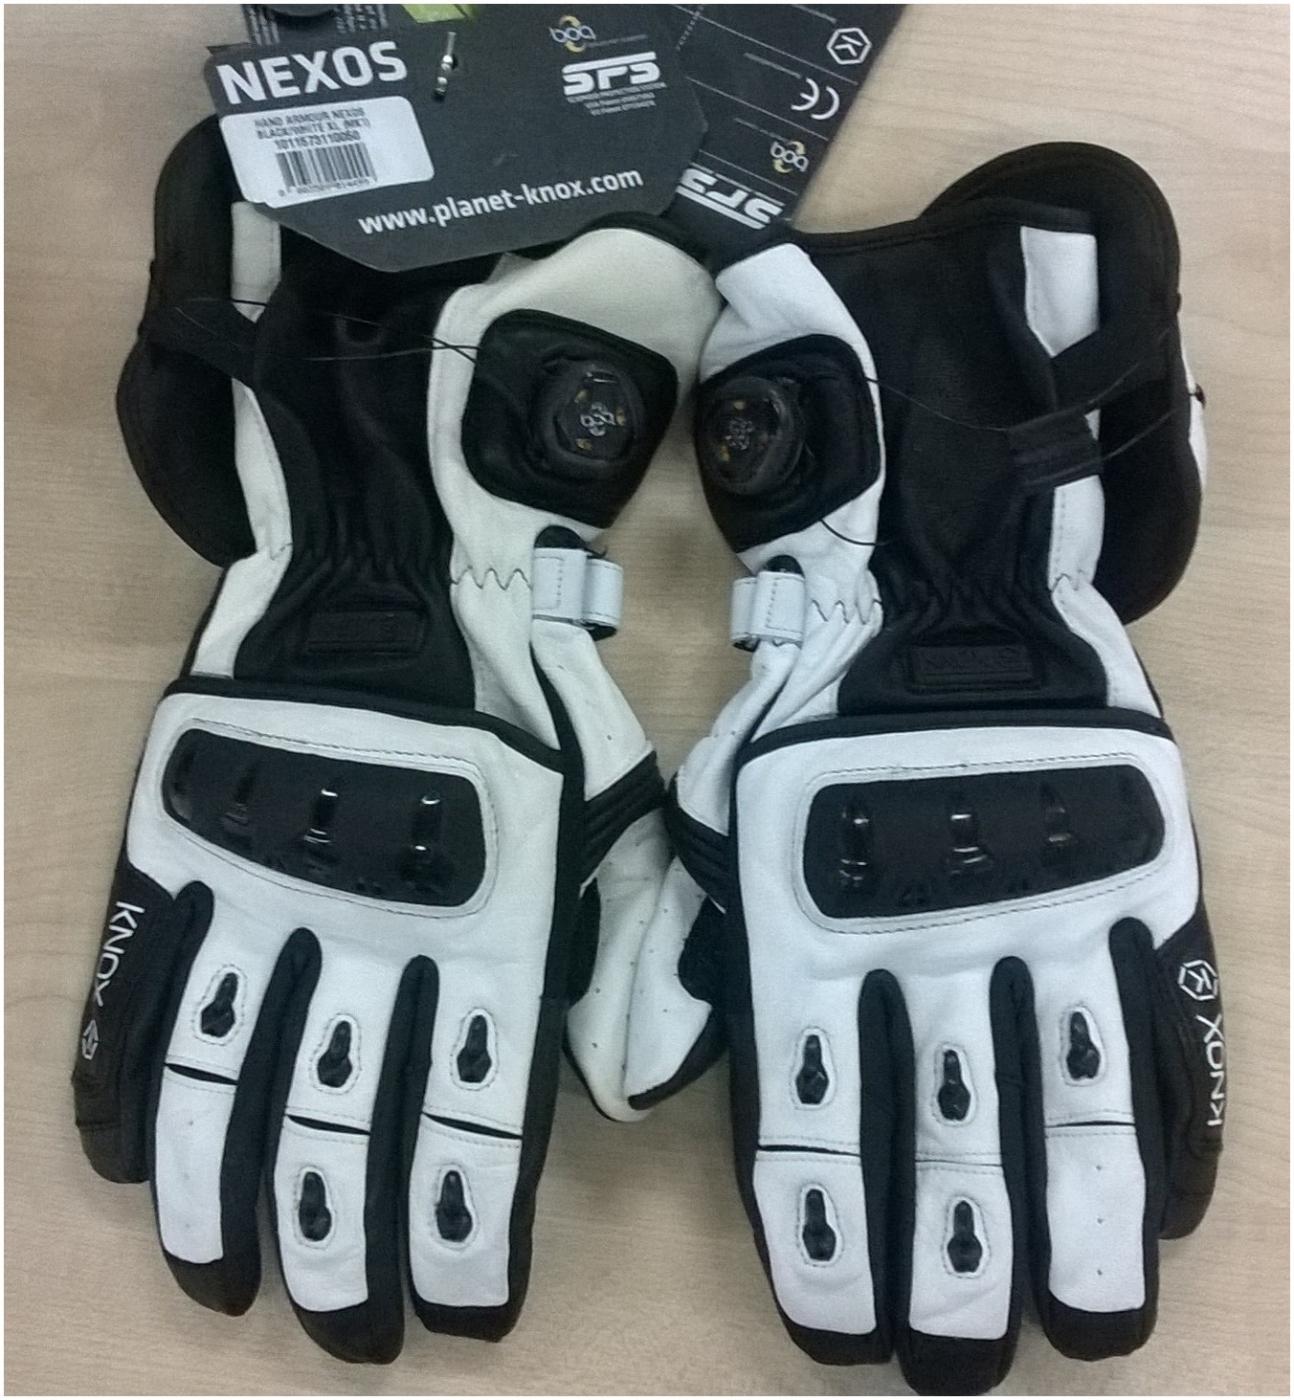 KNOX rukavice NEXOS white - POUŽITÉ  557348ce1d